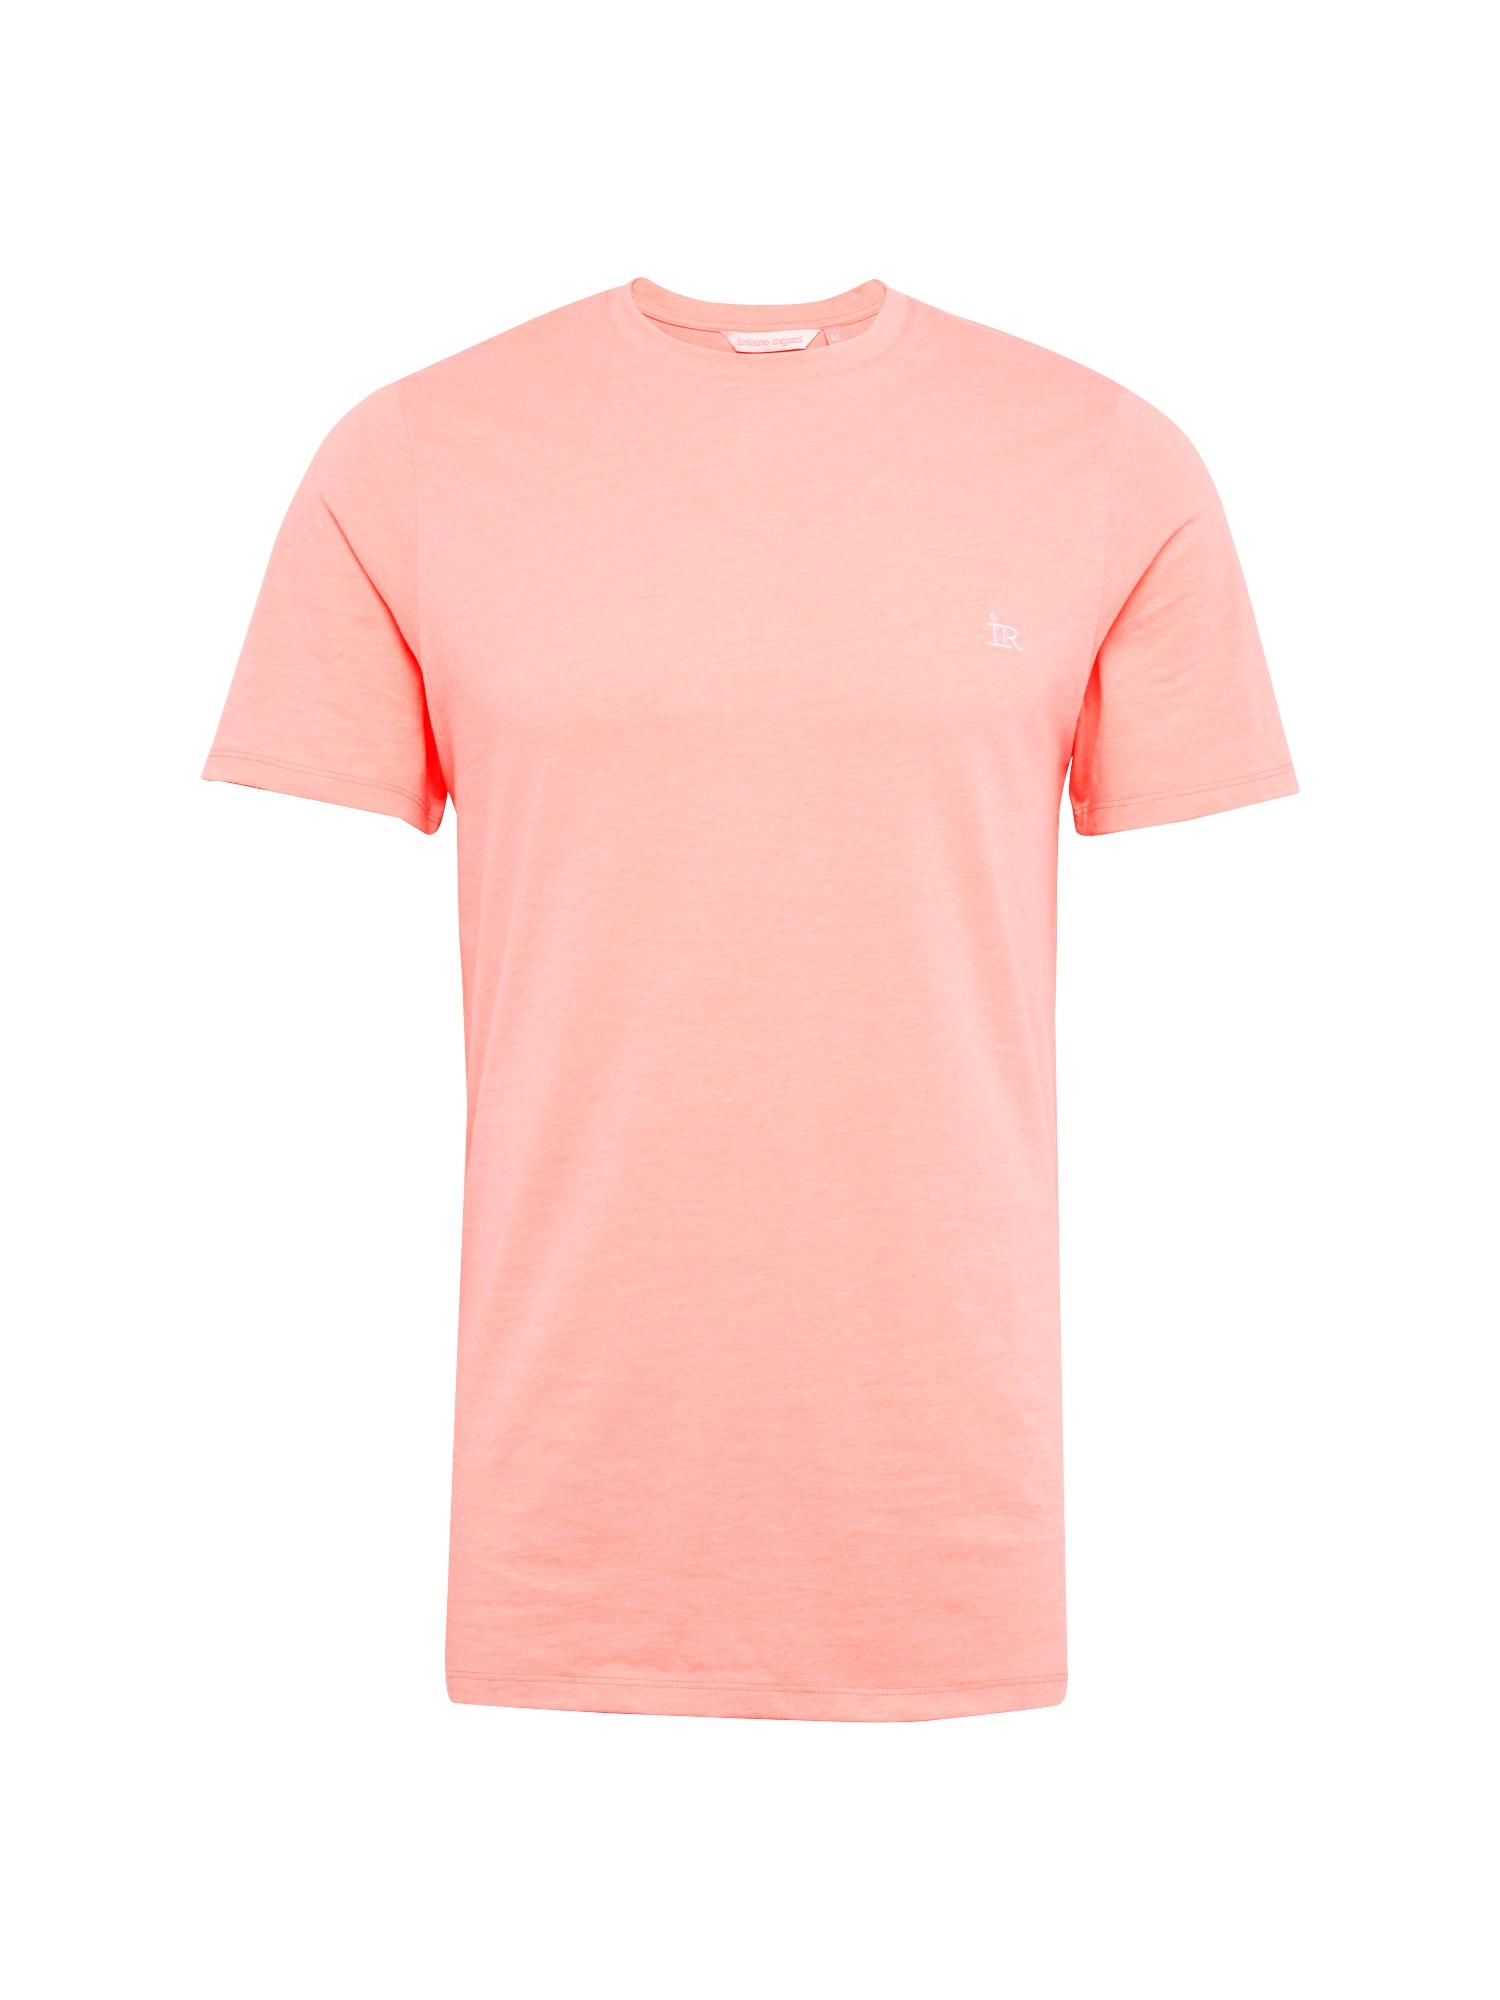 Tričko světle růžová Inferno Ragazzi